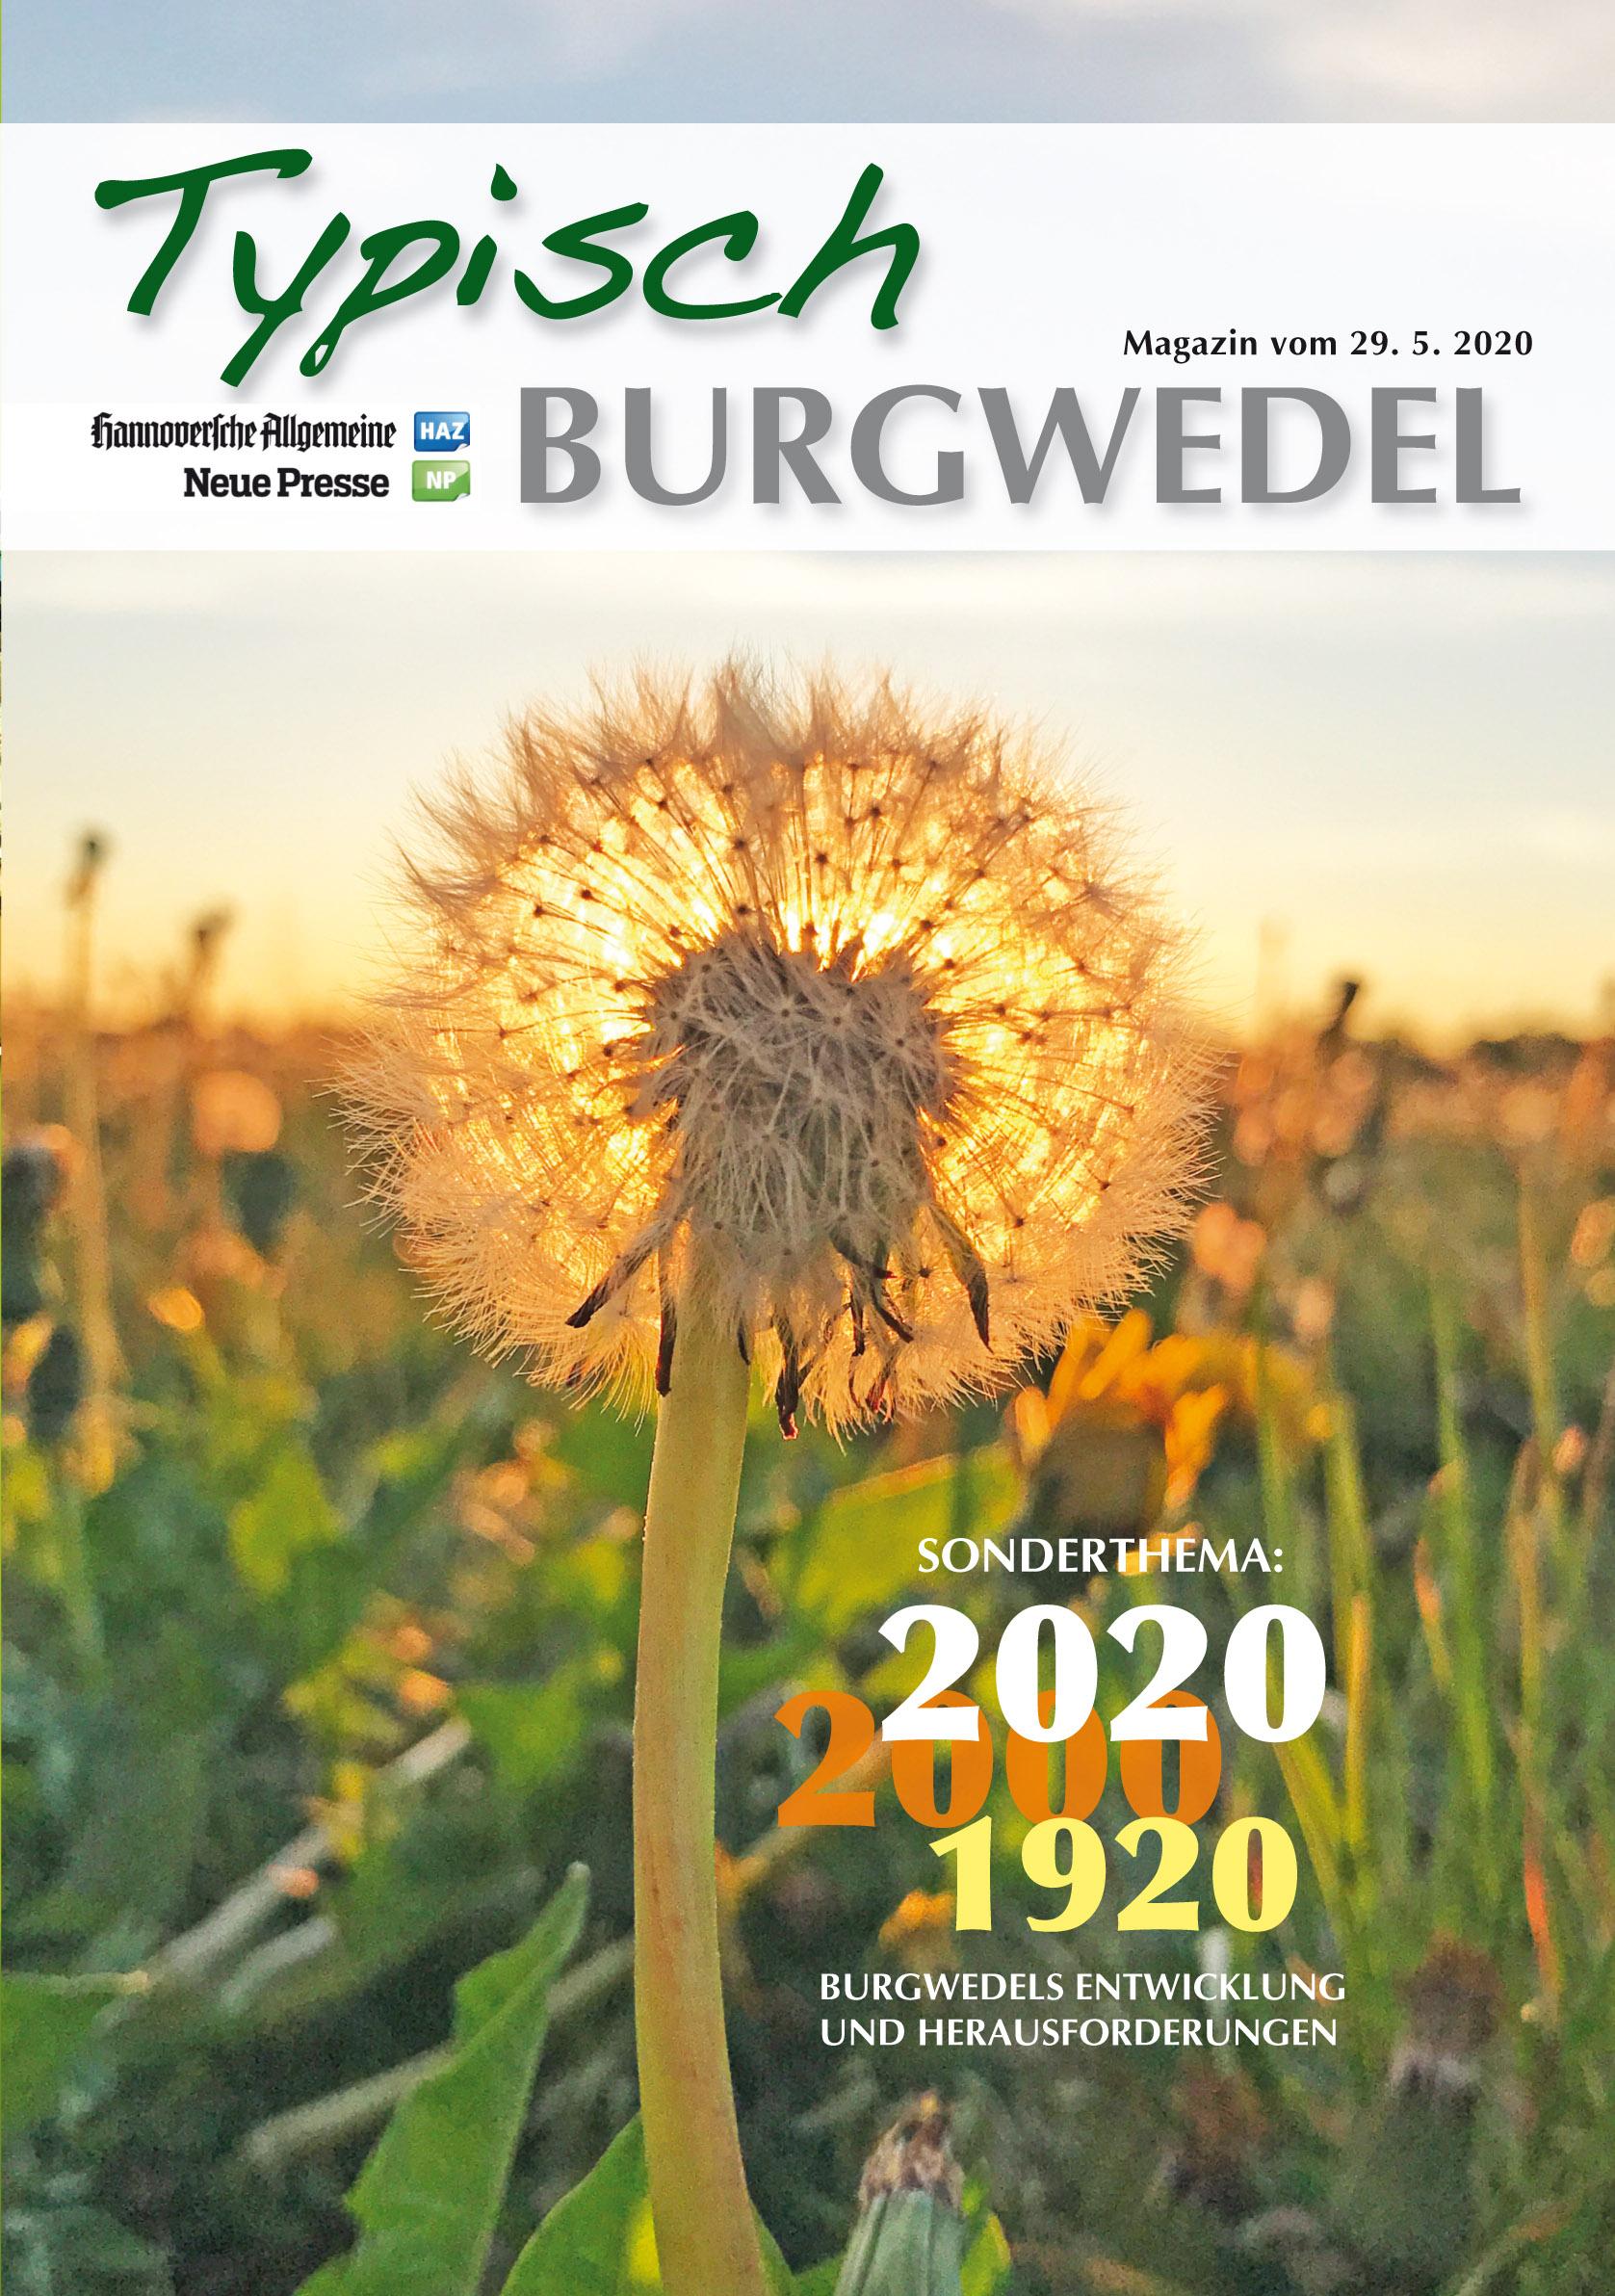 burgwedel vom 29.05.2020